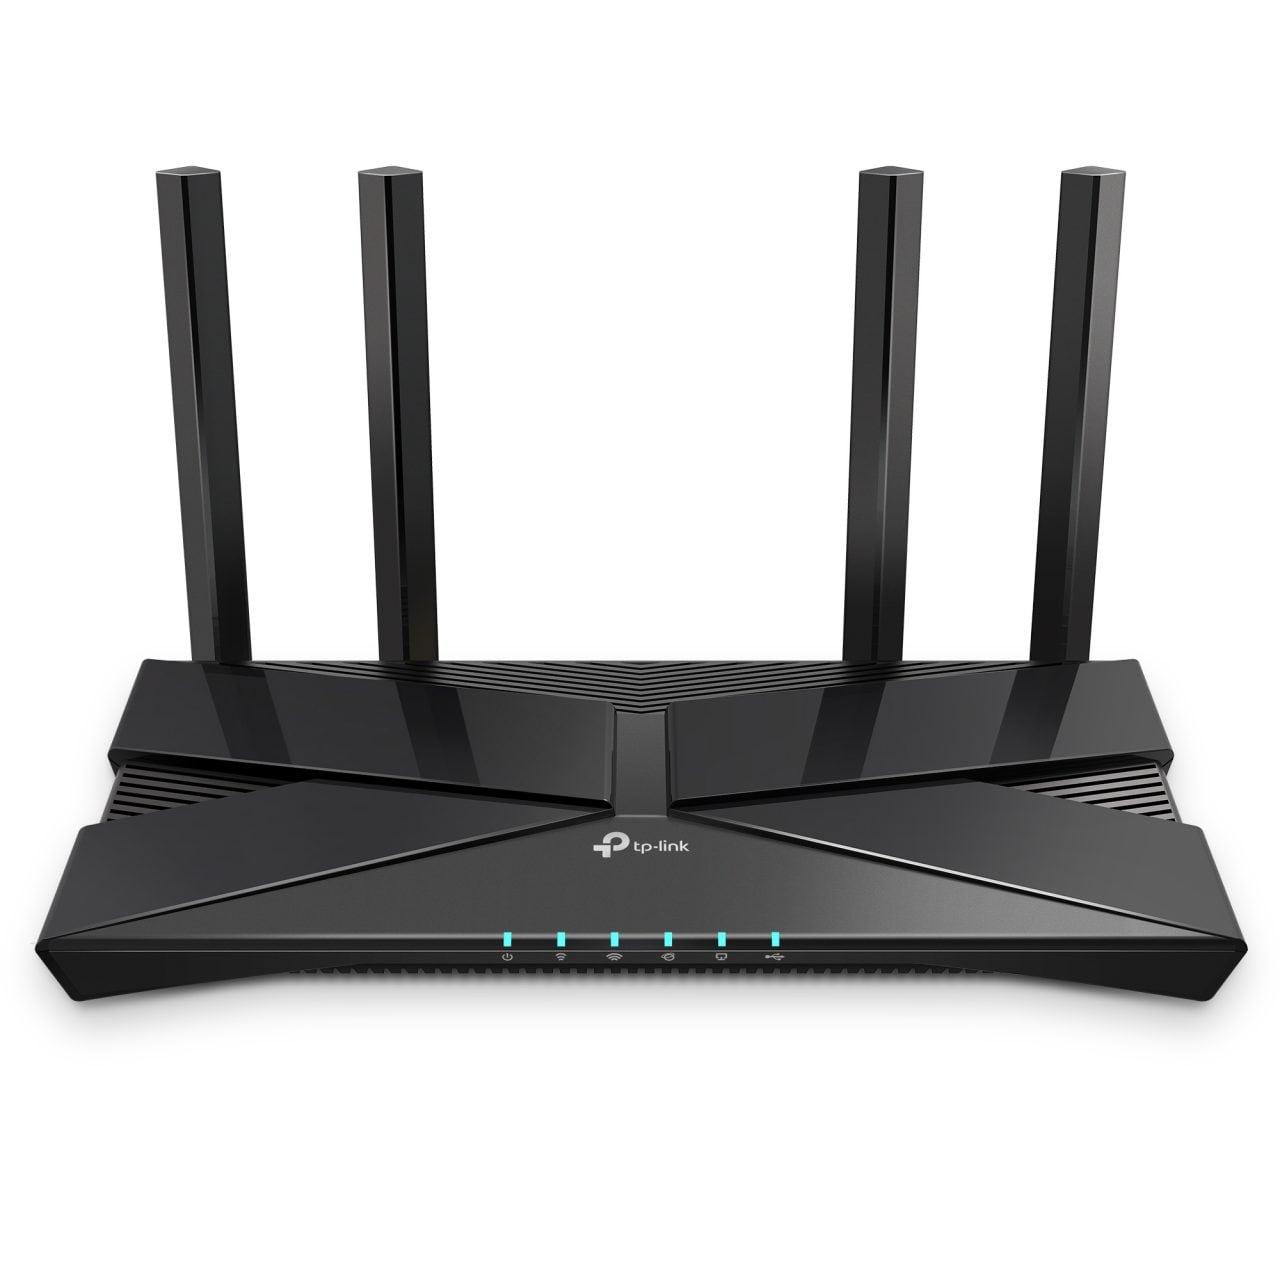 TP-Link presenta i nuovi router ultraveloci con Wi-Fi 6 e due nuovi smartphone della linea Neffos (foto)